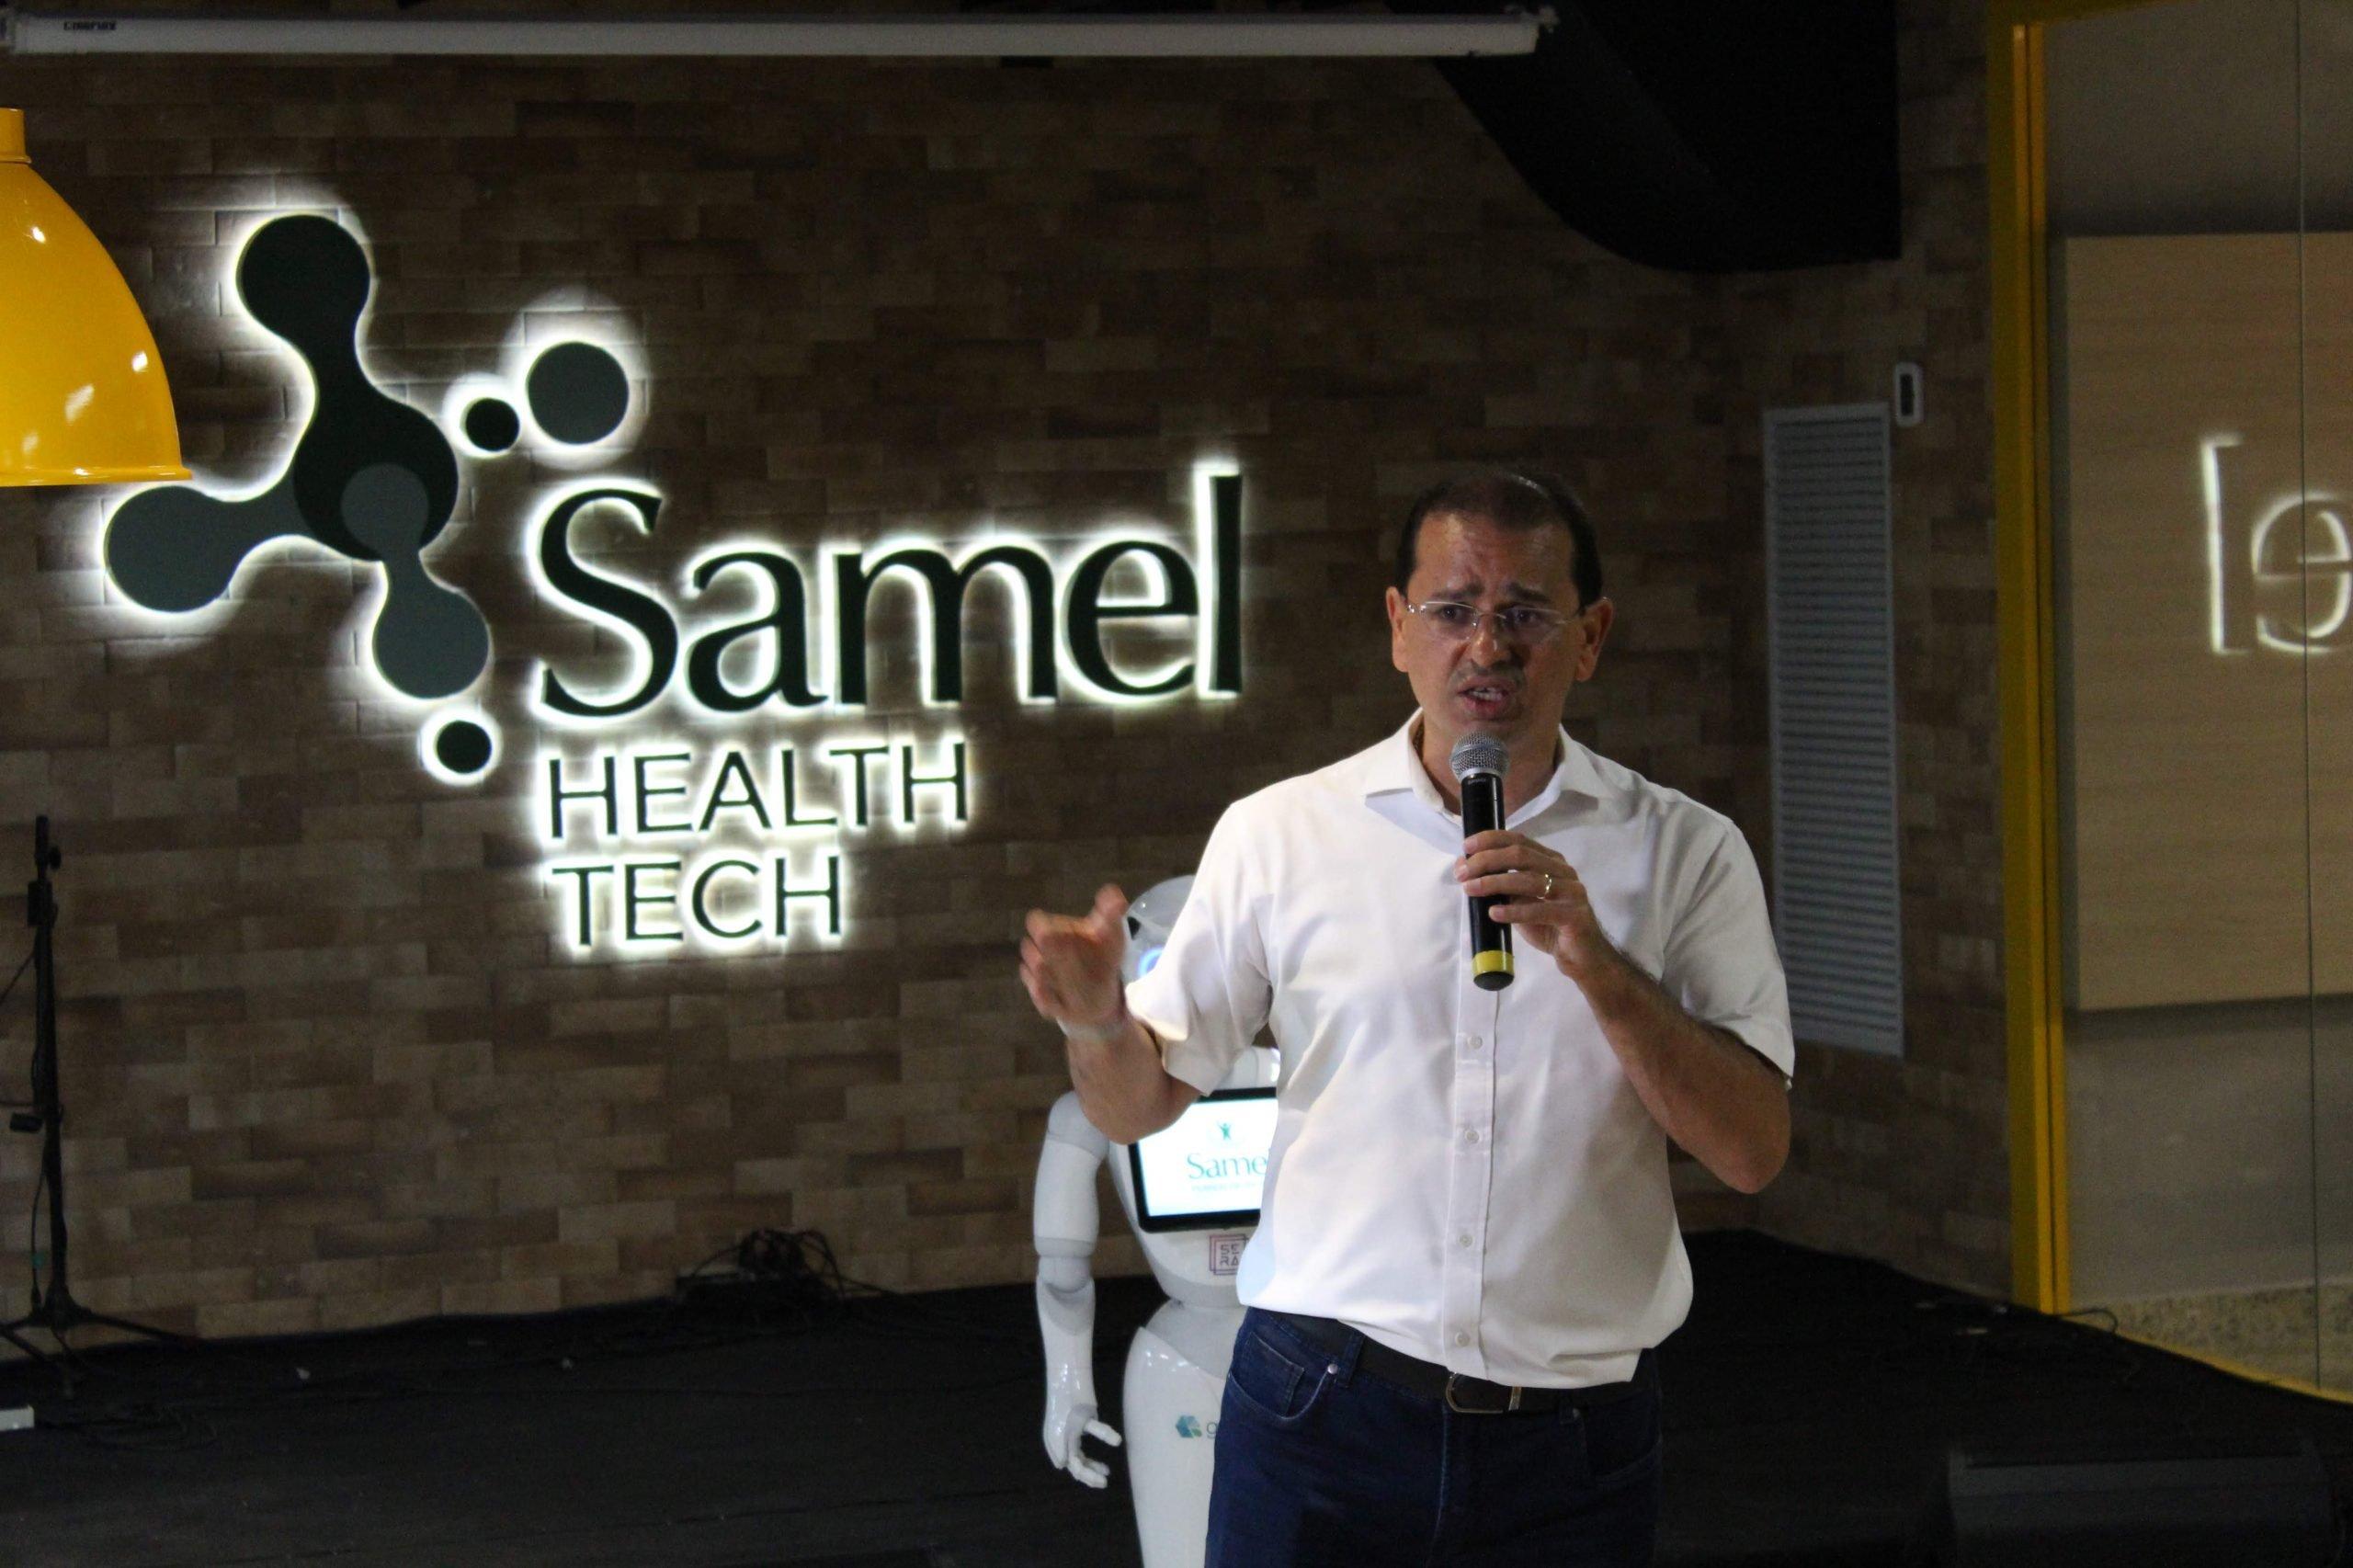 Health Tech – Centro de Inovação e Tecnologia da Samel abre as portas para funcionar como aceleradora de negócios e fábrica de startups